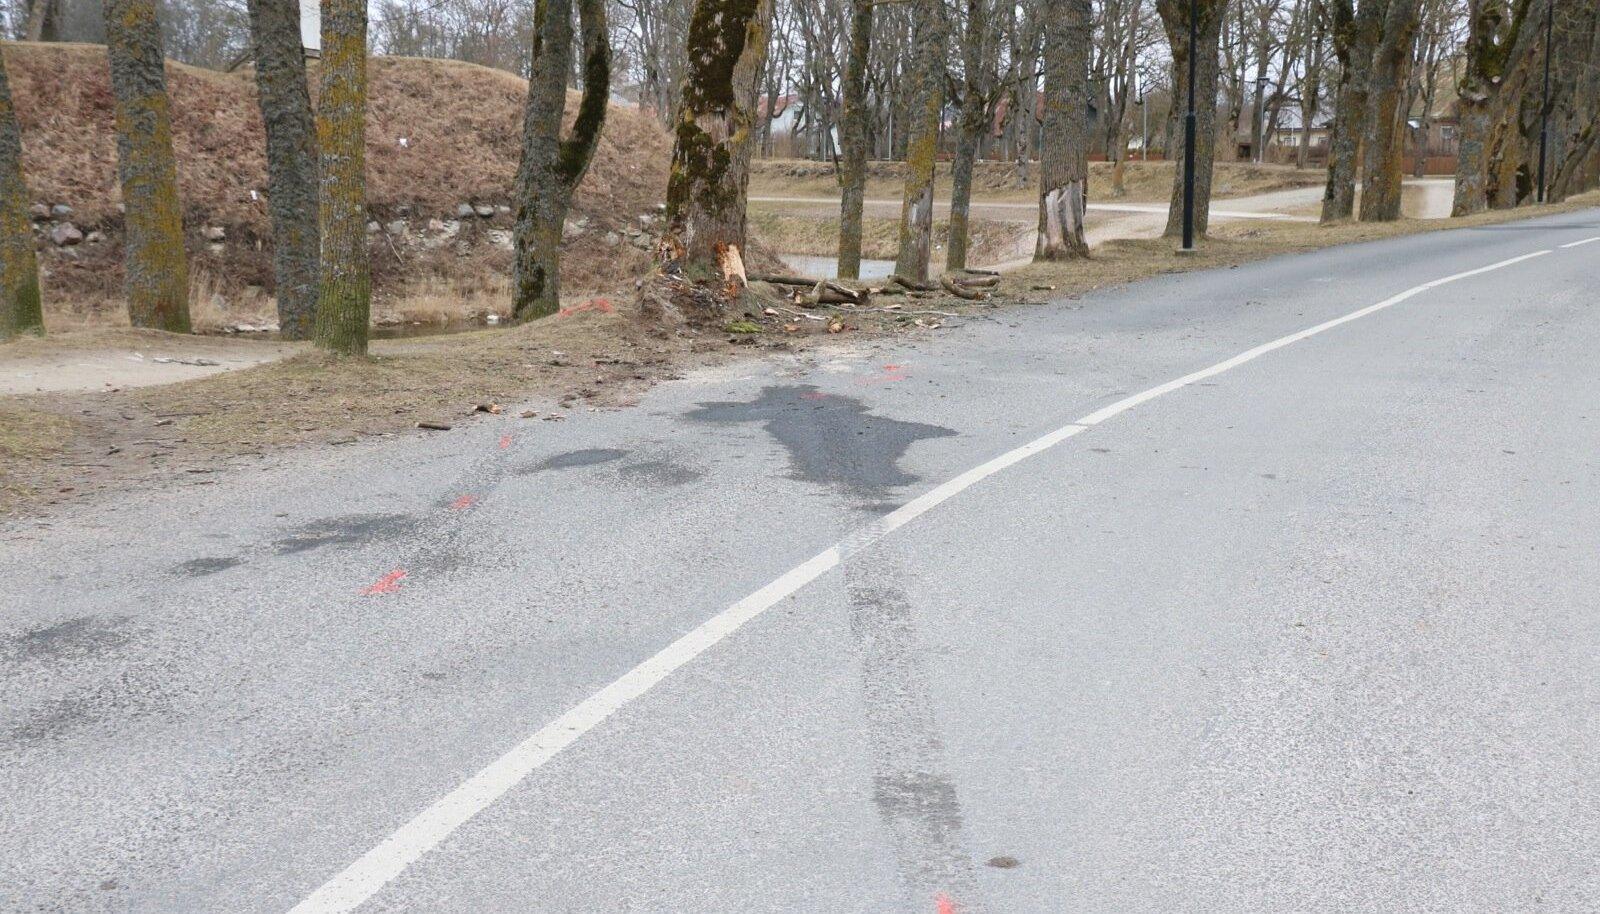 Liiklusõnnetus Kalda puiesteel, bmw juht sõitis vastu puud, kaasreisija viidi Tallinna kopteriga, hommikul avariikoht